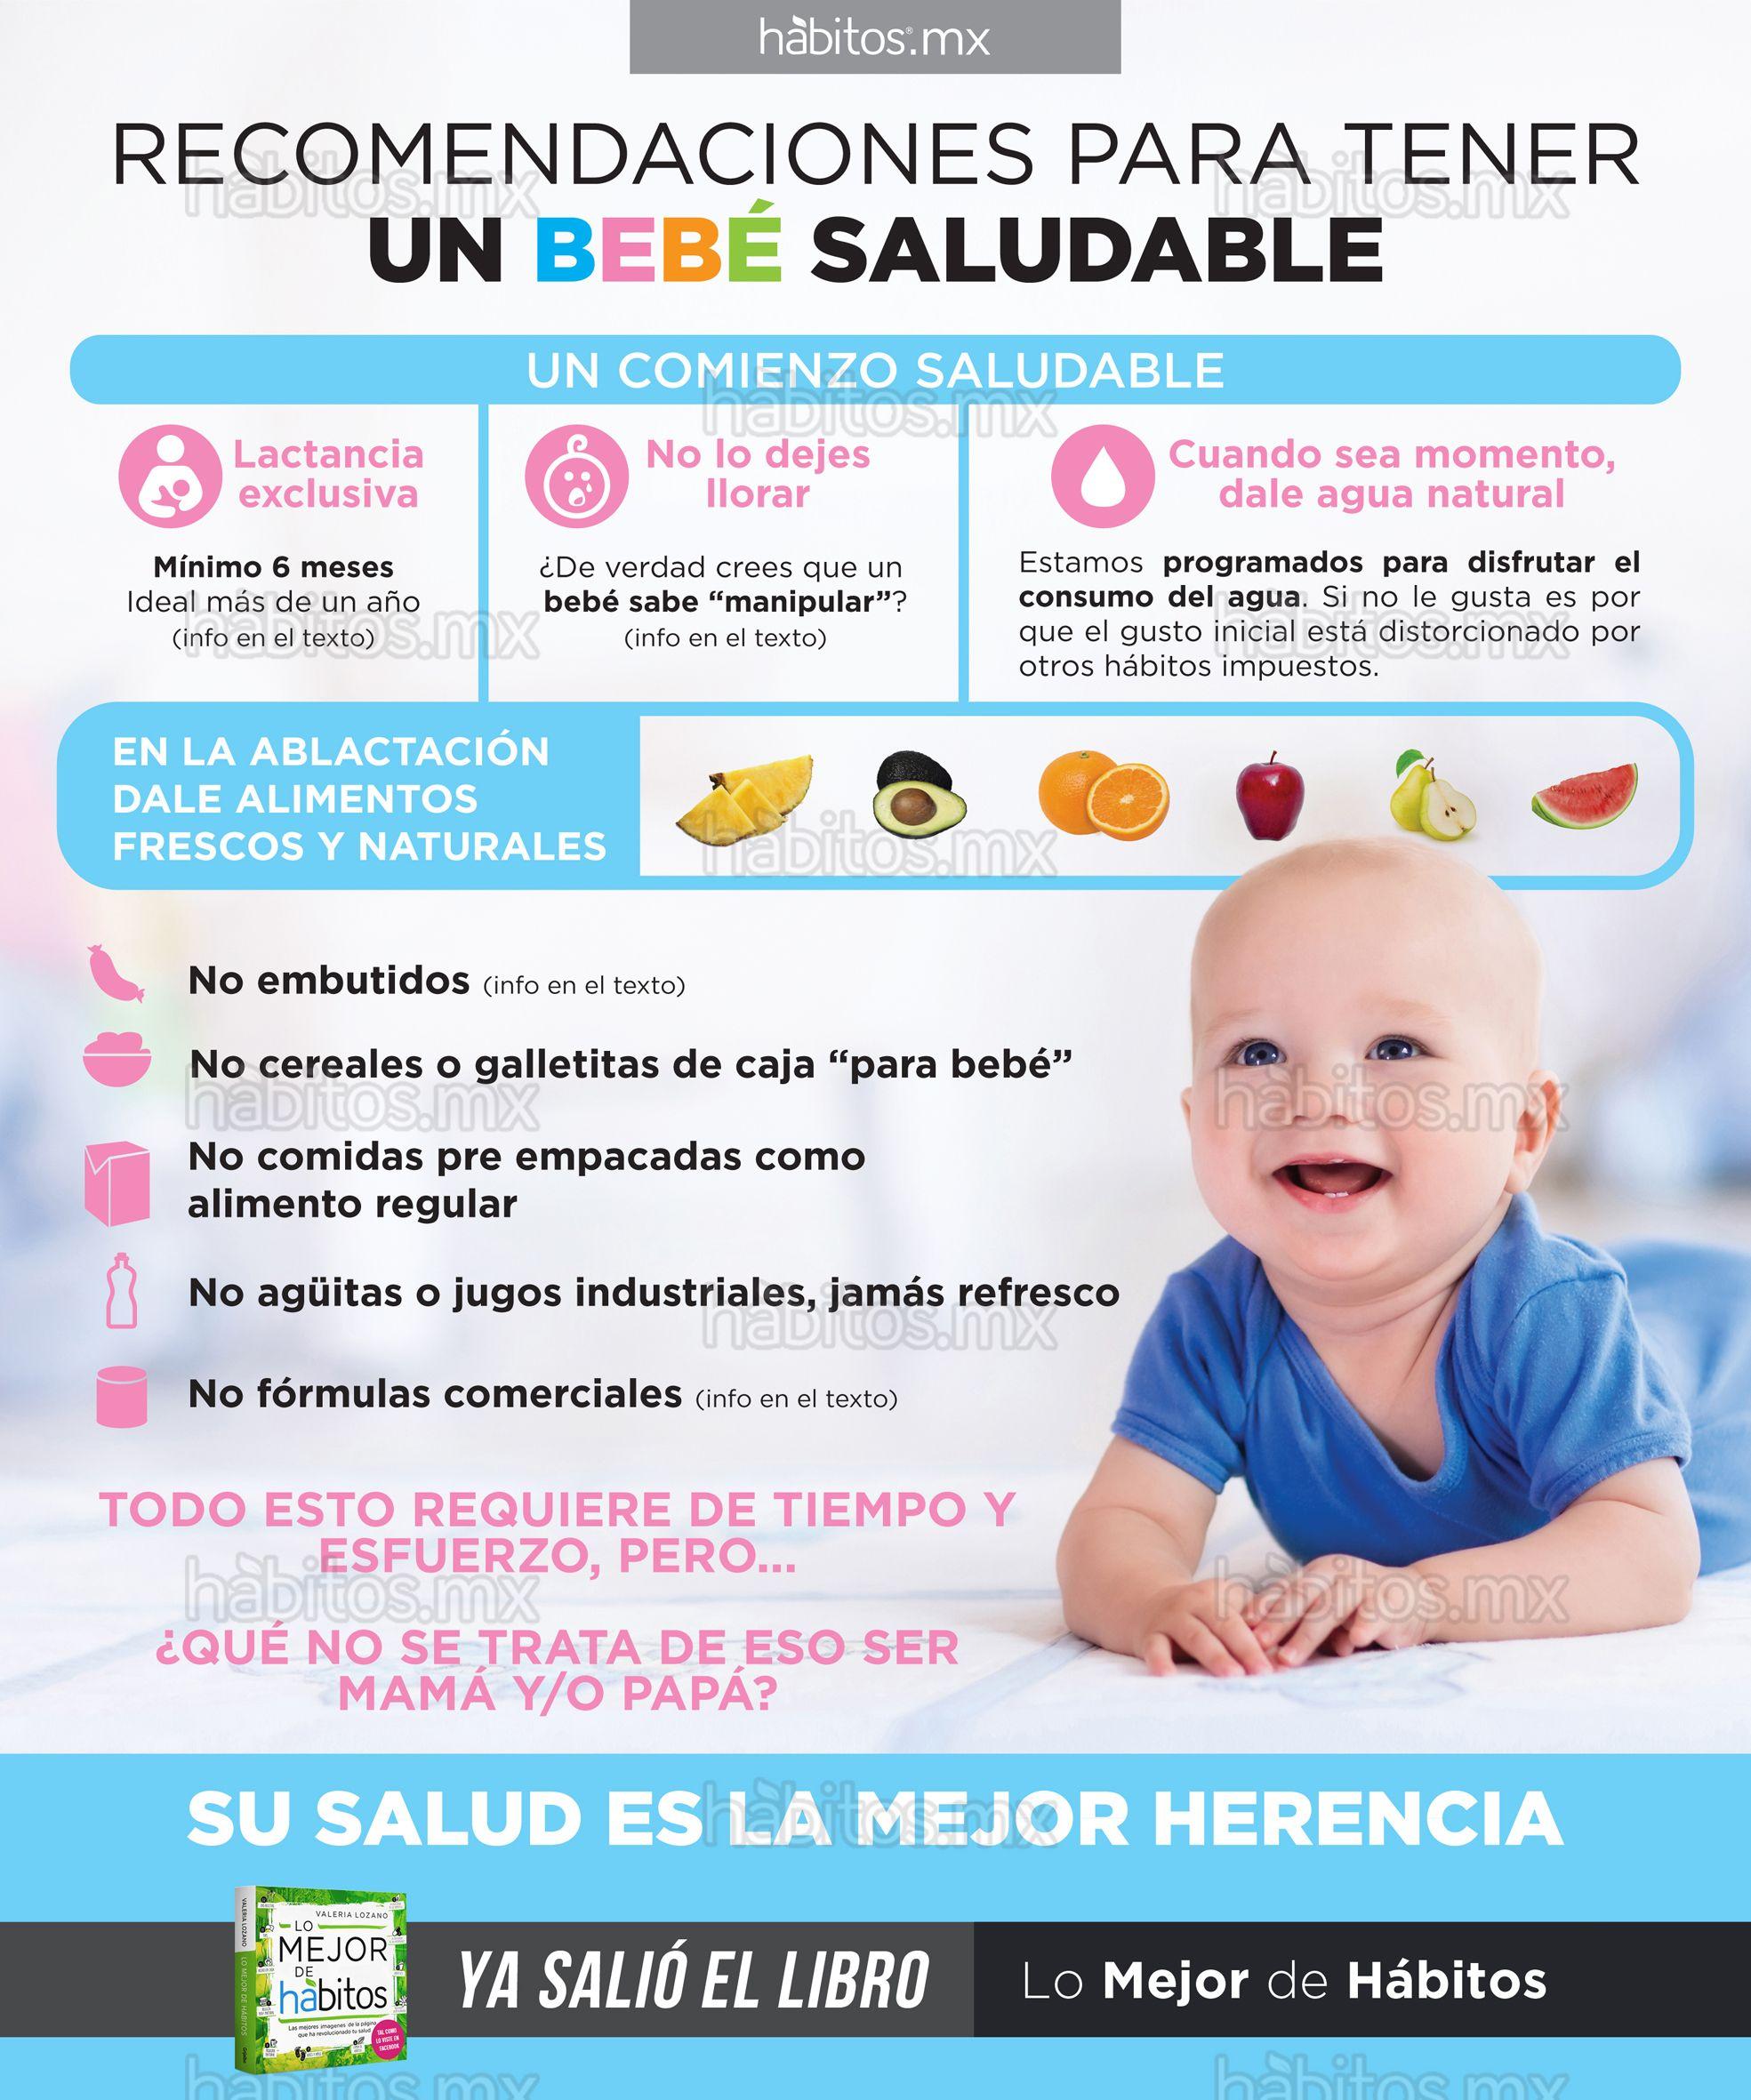 Habitos Health Coaching Recomendaciones Para Tener Un Bebe